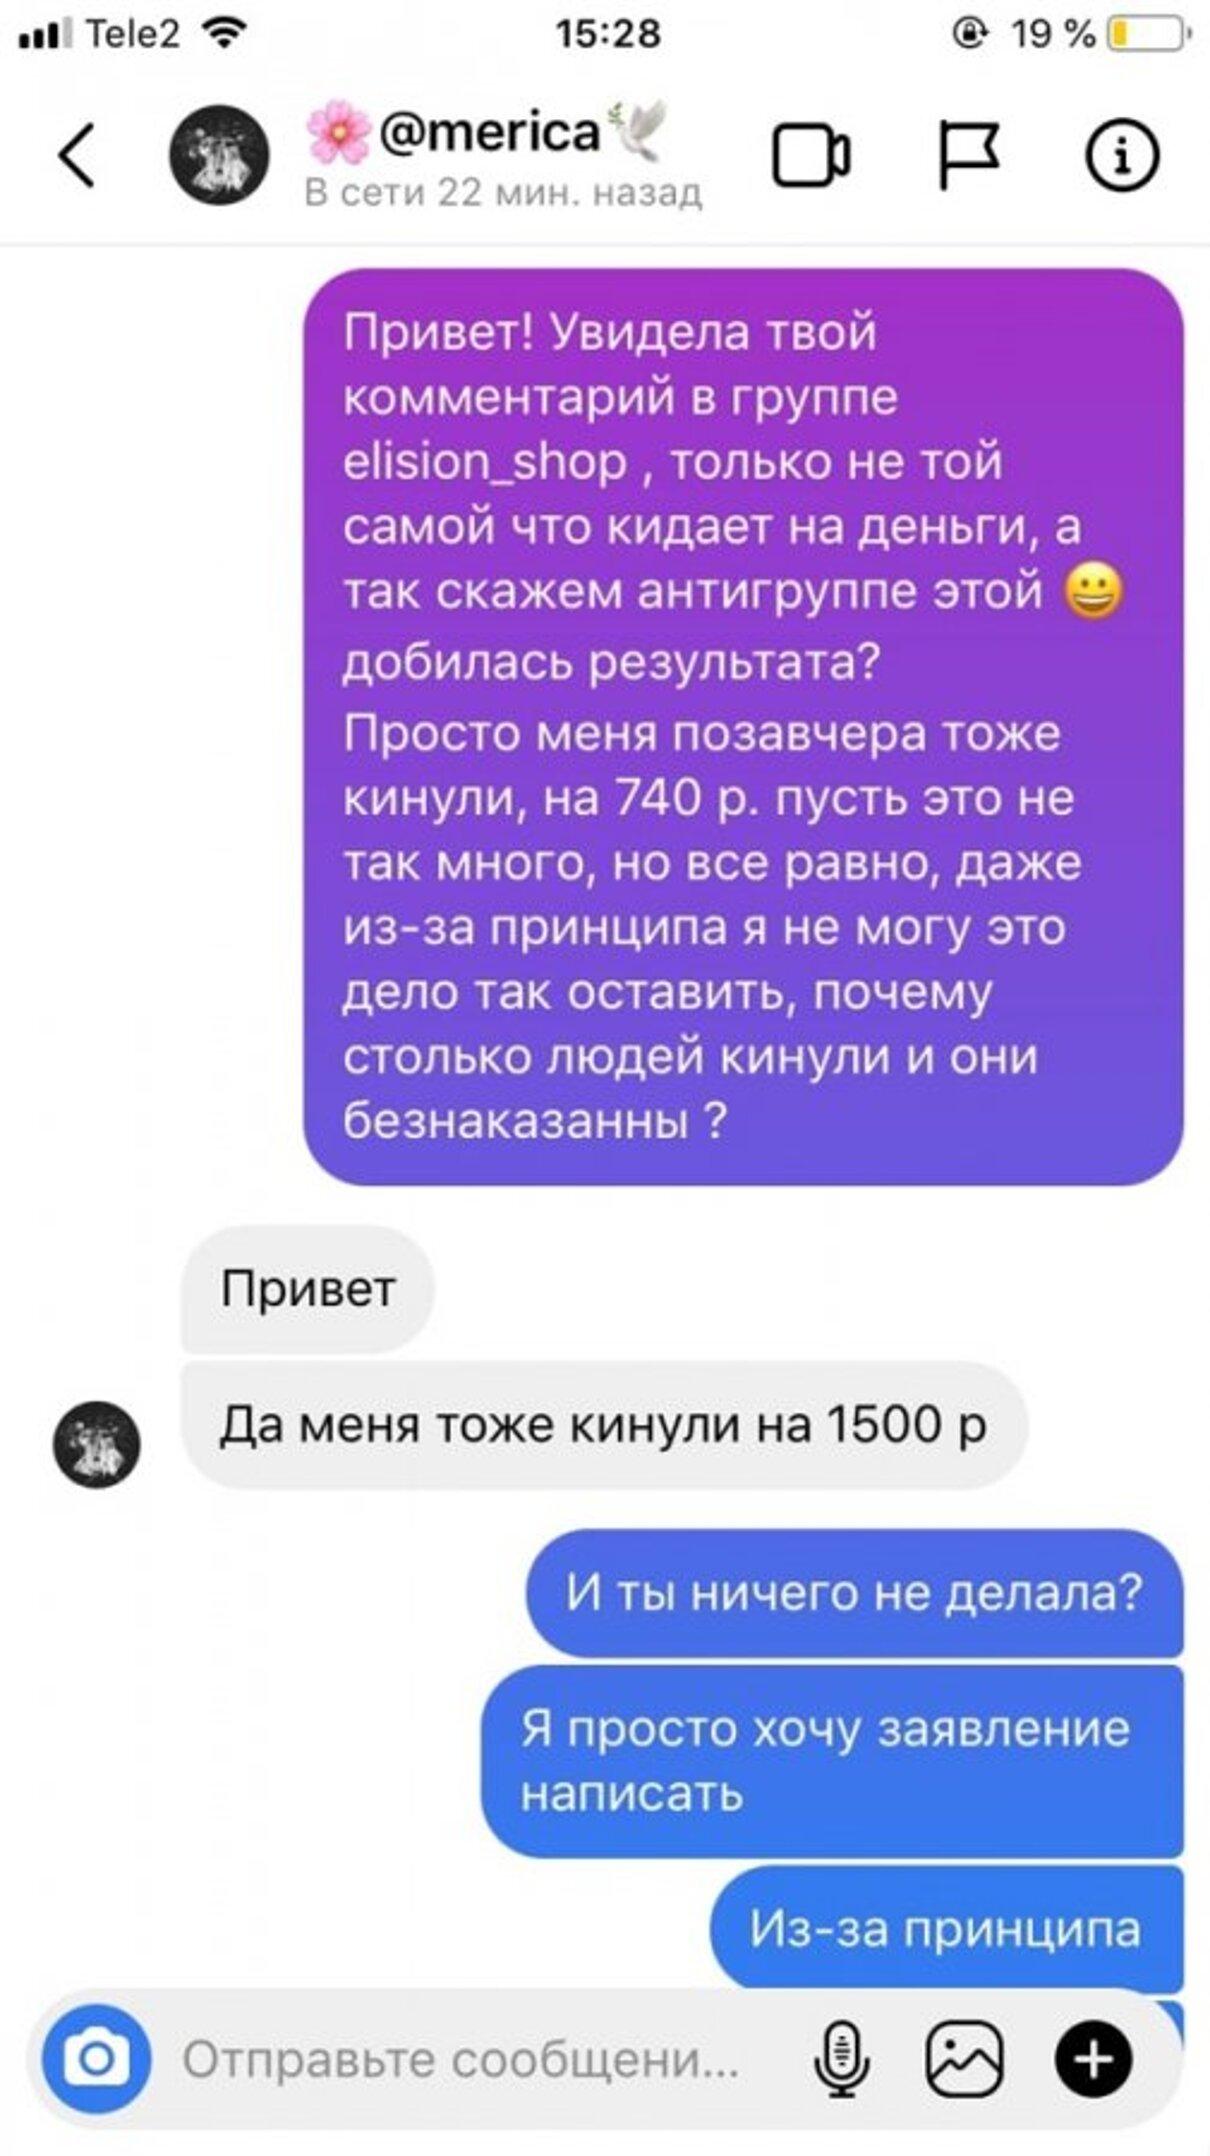 Жалоба-отзыв: Elision_shop - Обман в магазине инстаграм.  Фото №4